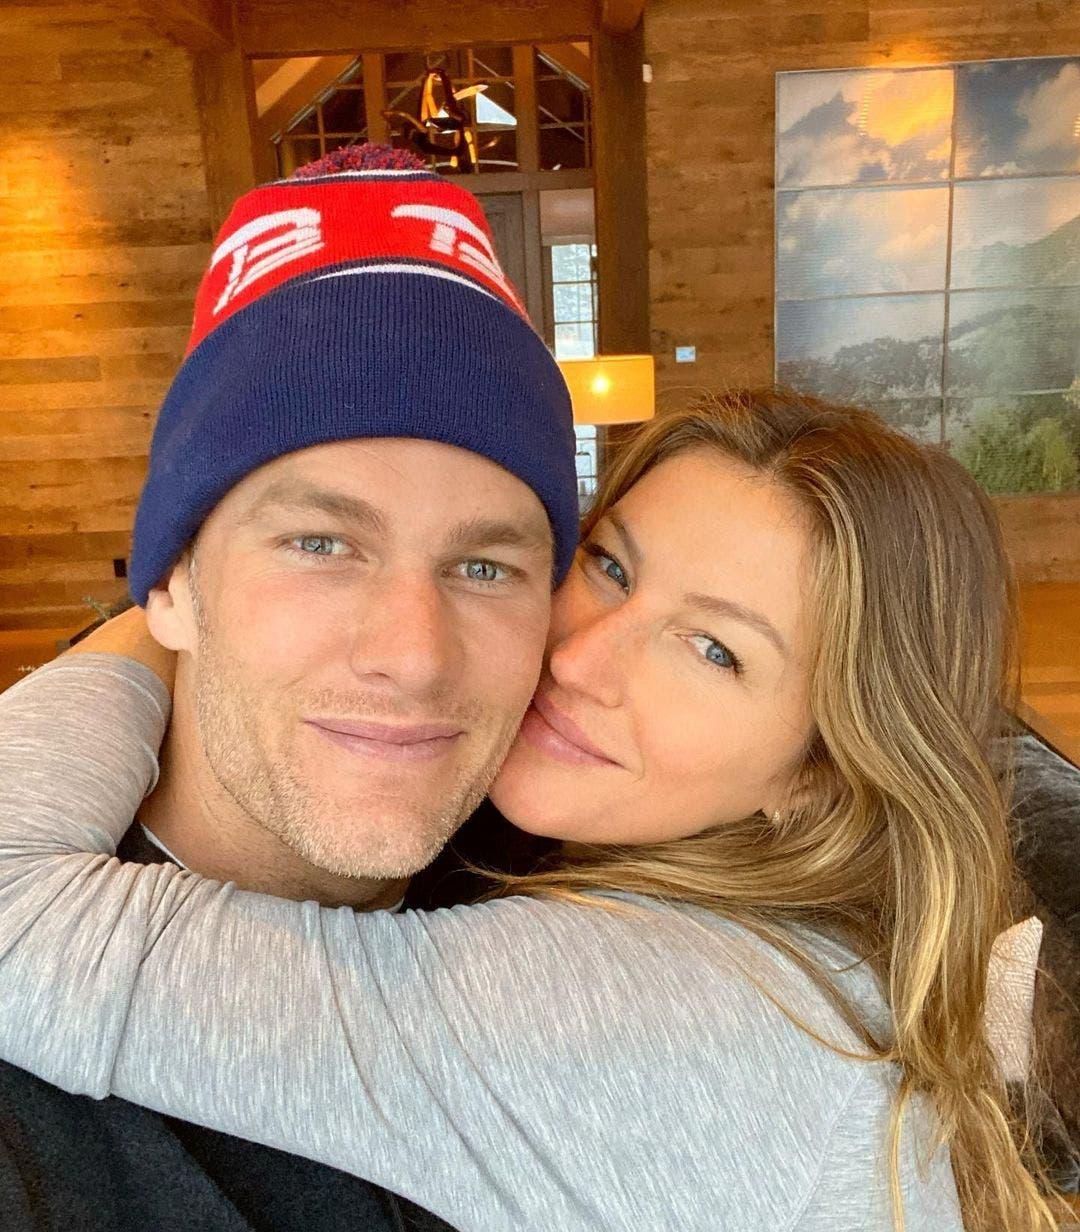 Tom Brady y Gisele Bündchen vivirán en una exclusiva isla para millonarios: pagaron 17 millones de dólares